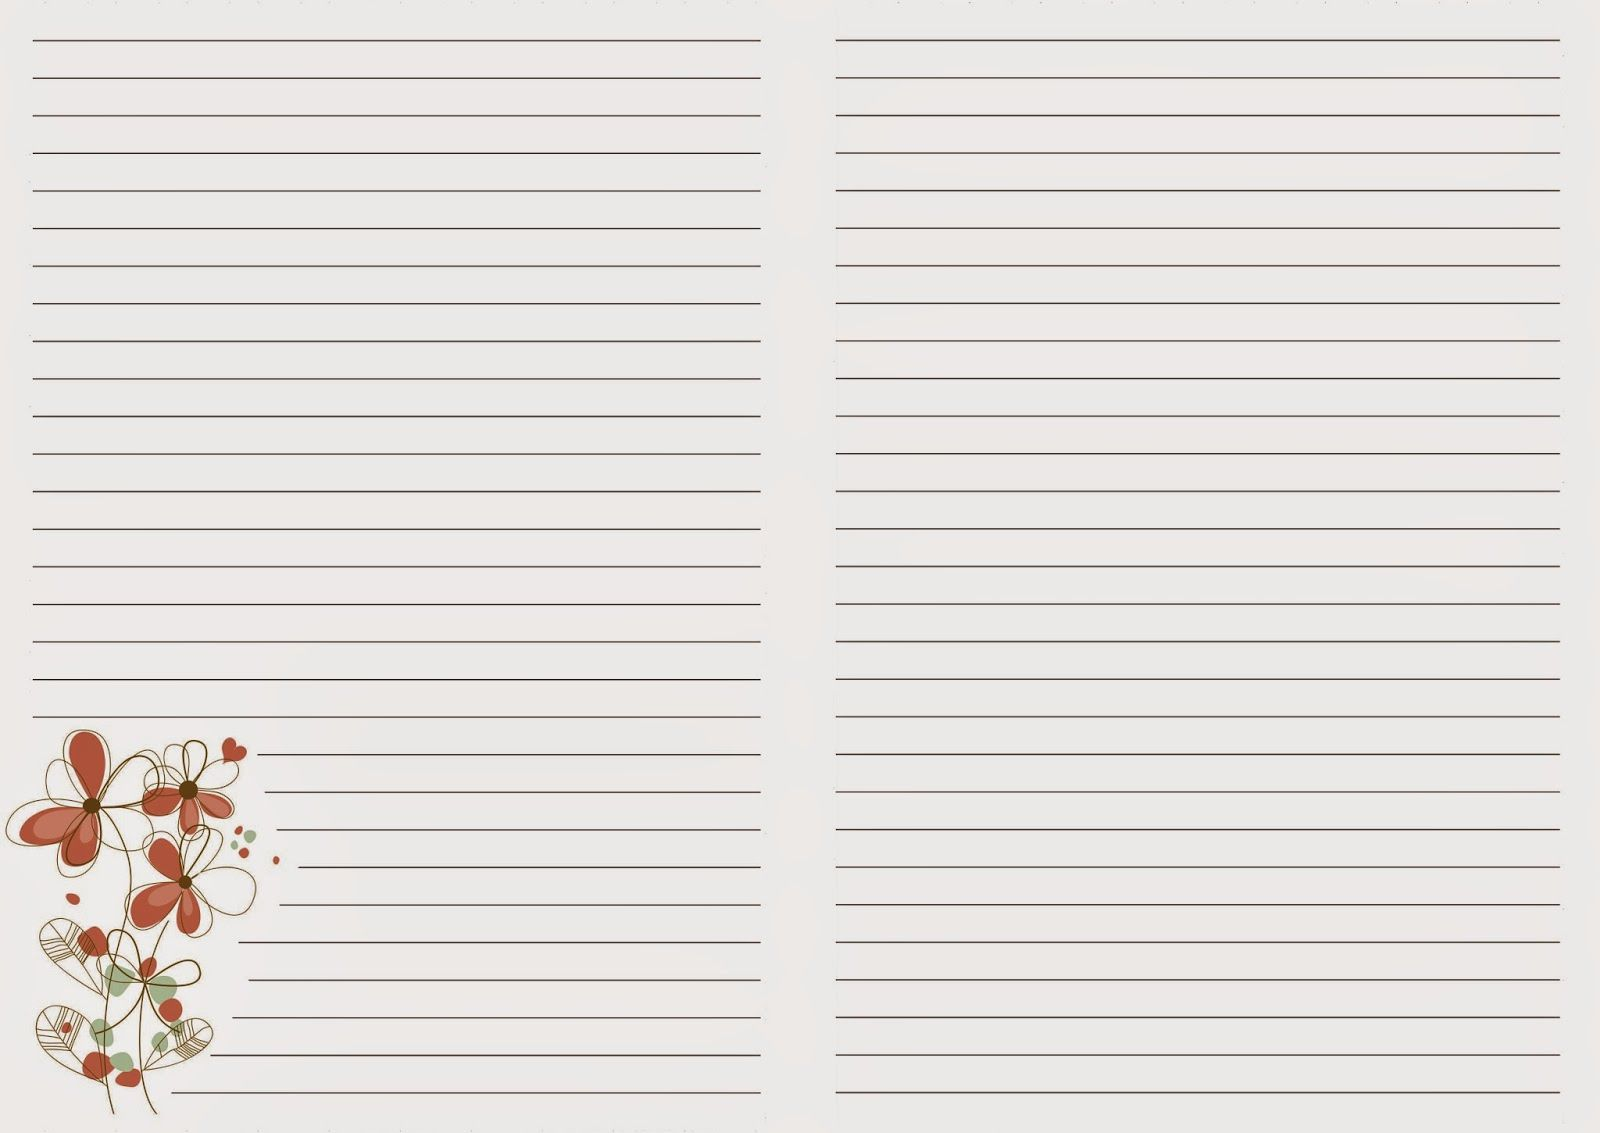 Страницы для блокнота шаблоны а6, исполнение